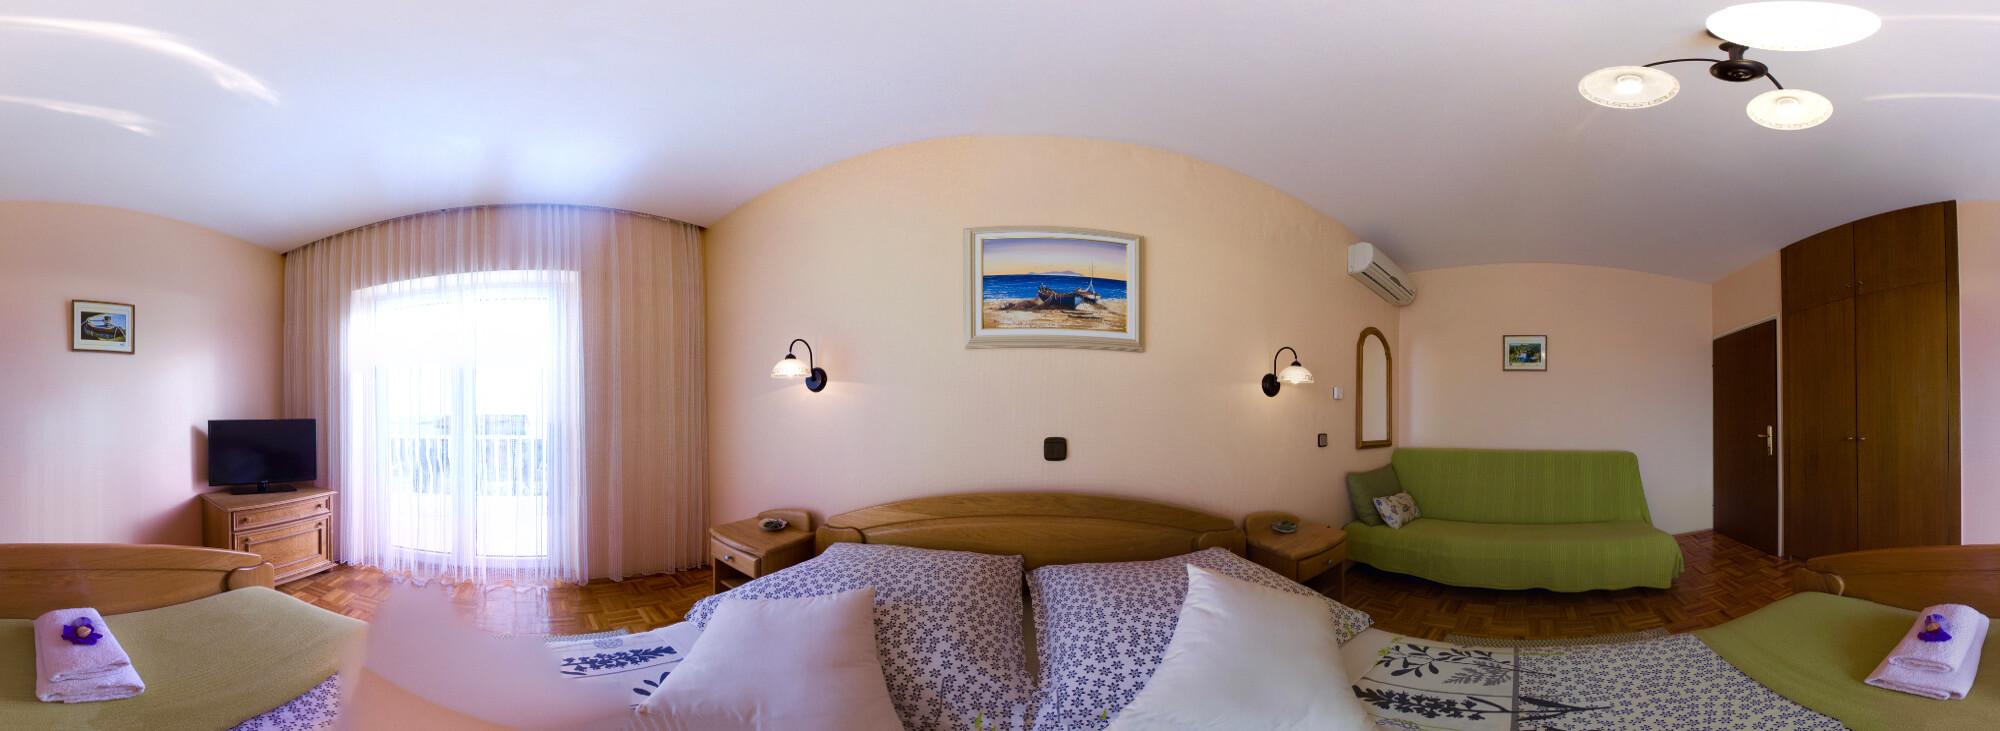 room 2- 360